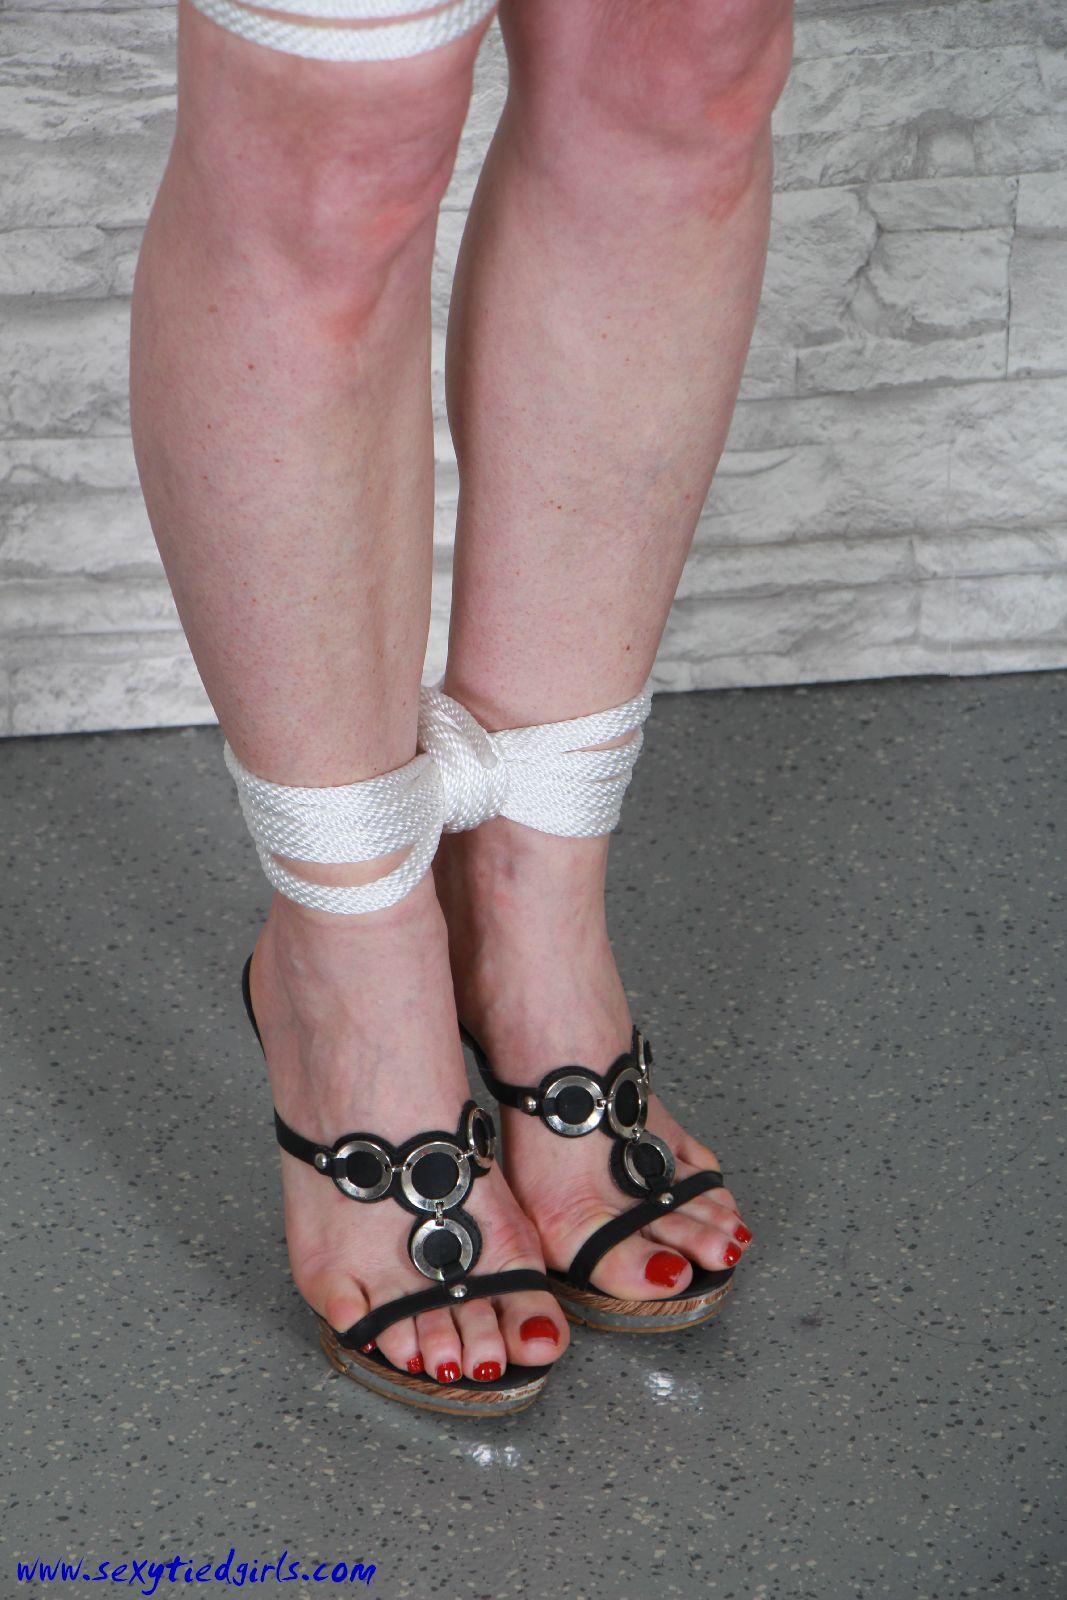 bondage beginning rope